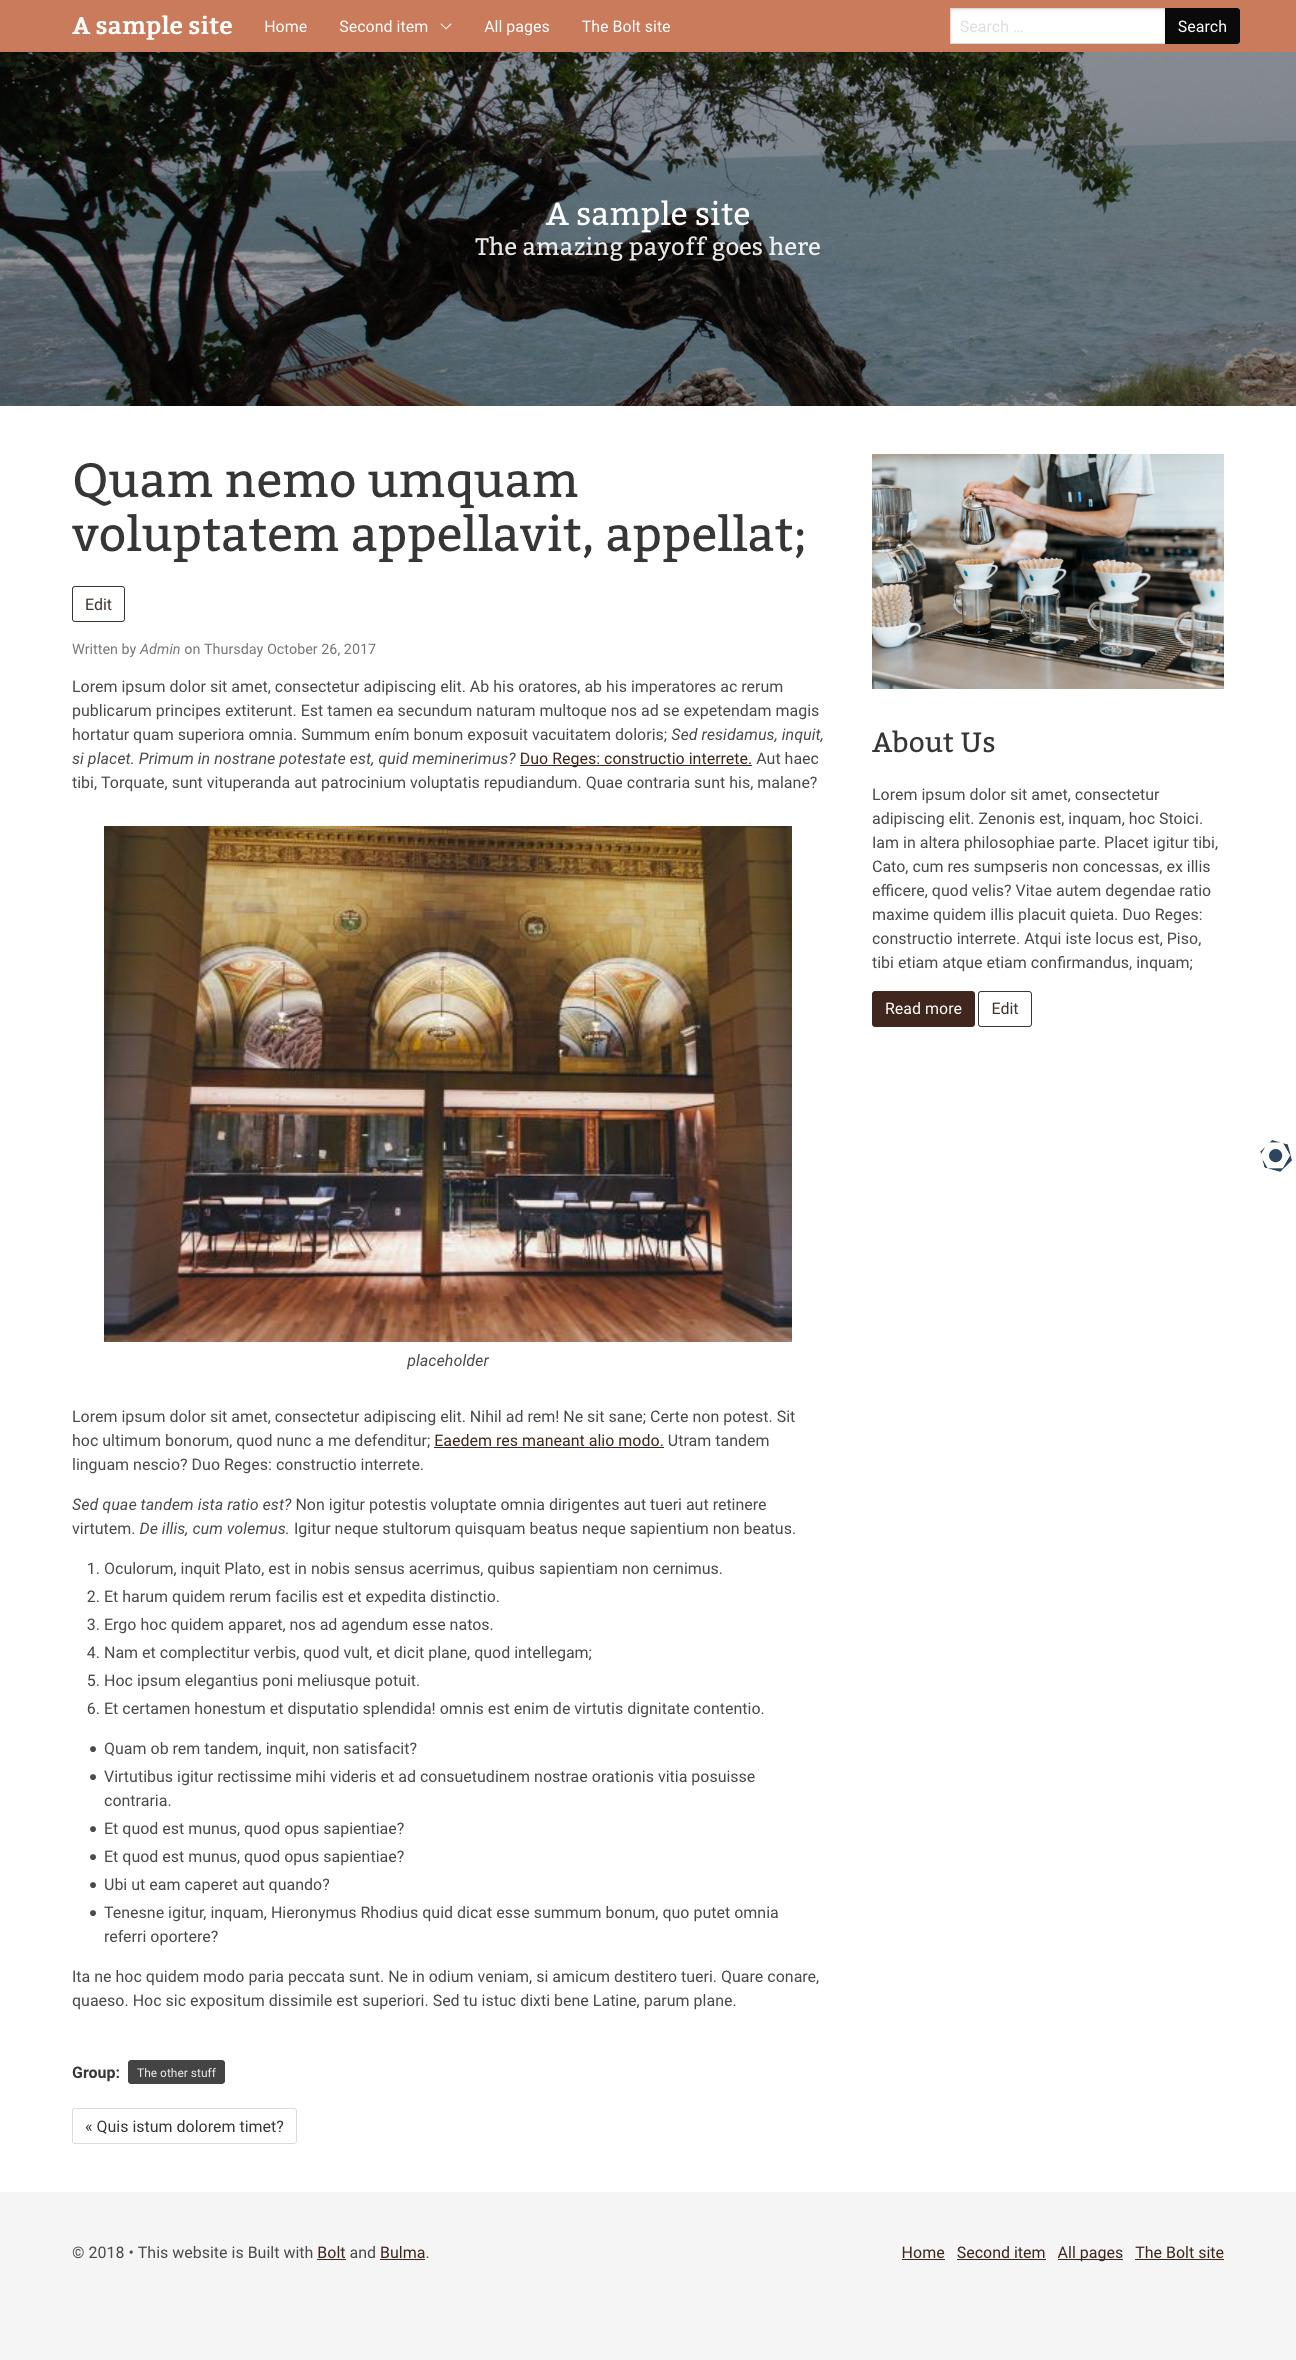 screenshot-2018-3-13 quam nemo umquam voluptatem appellavit appellat a sample site